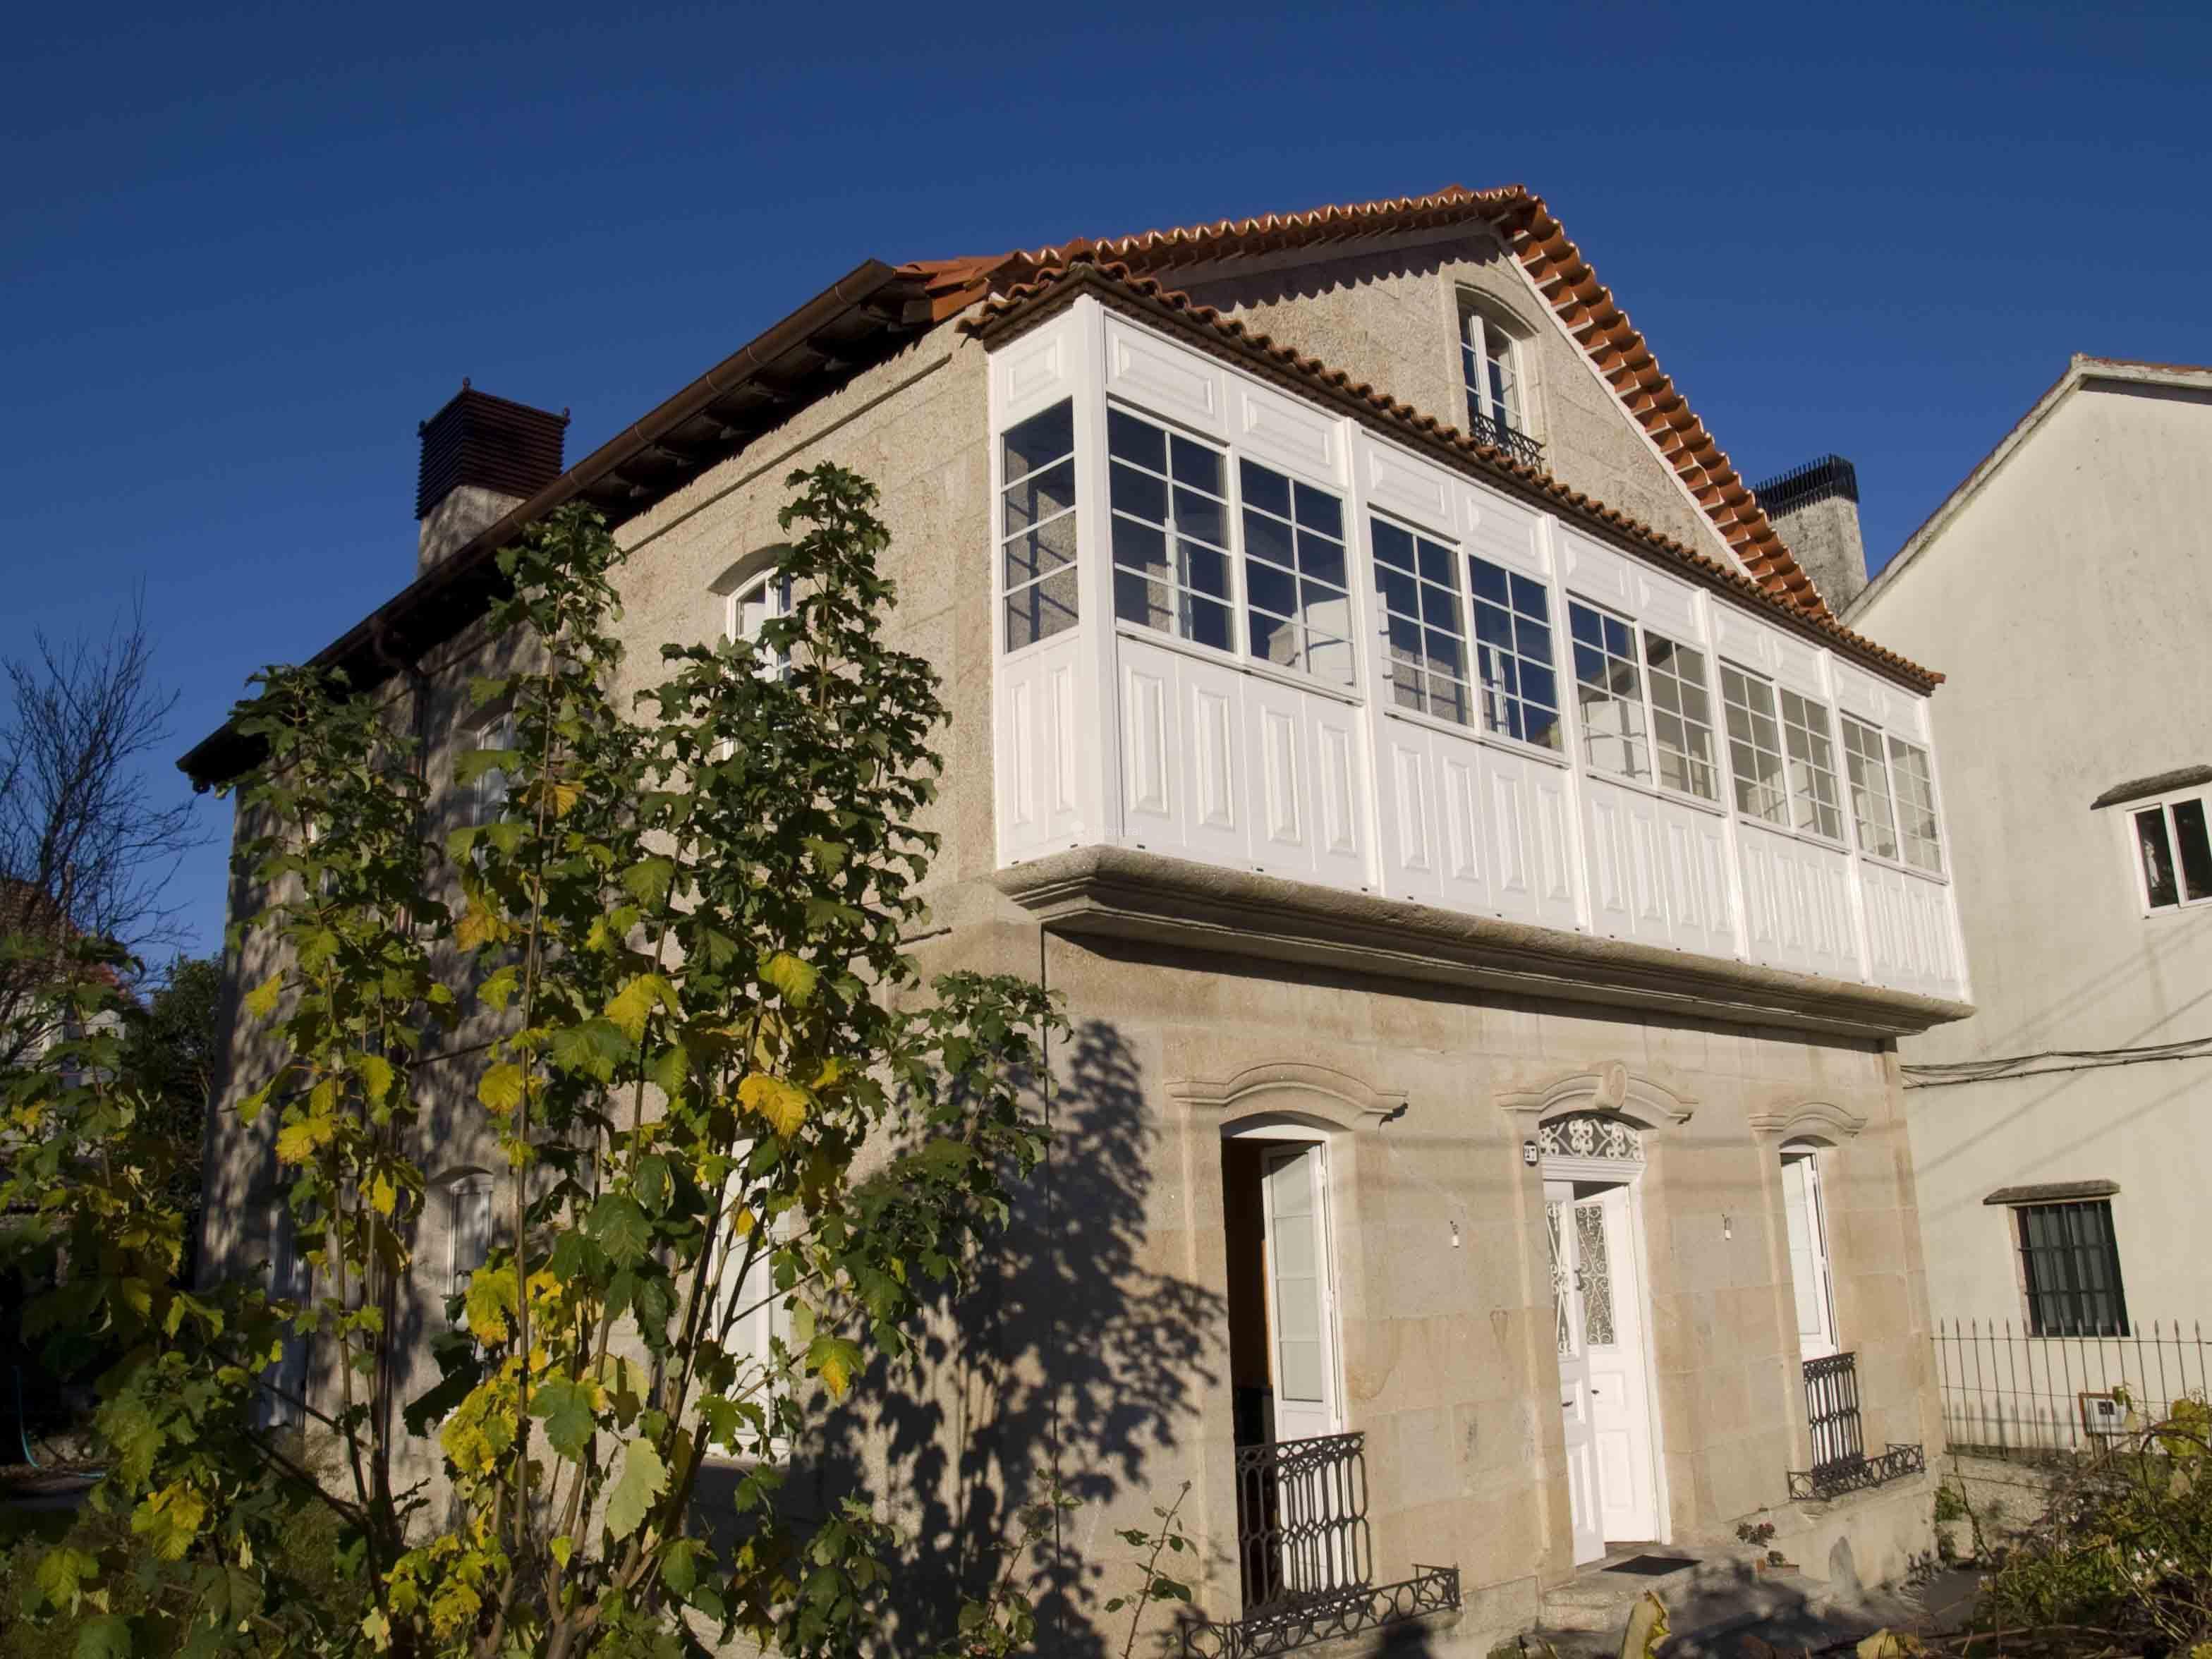 Fotos de casa das capitanas pontevedra cerdedo clubrural - Casas prefabricadas pontevedra ...